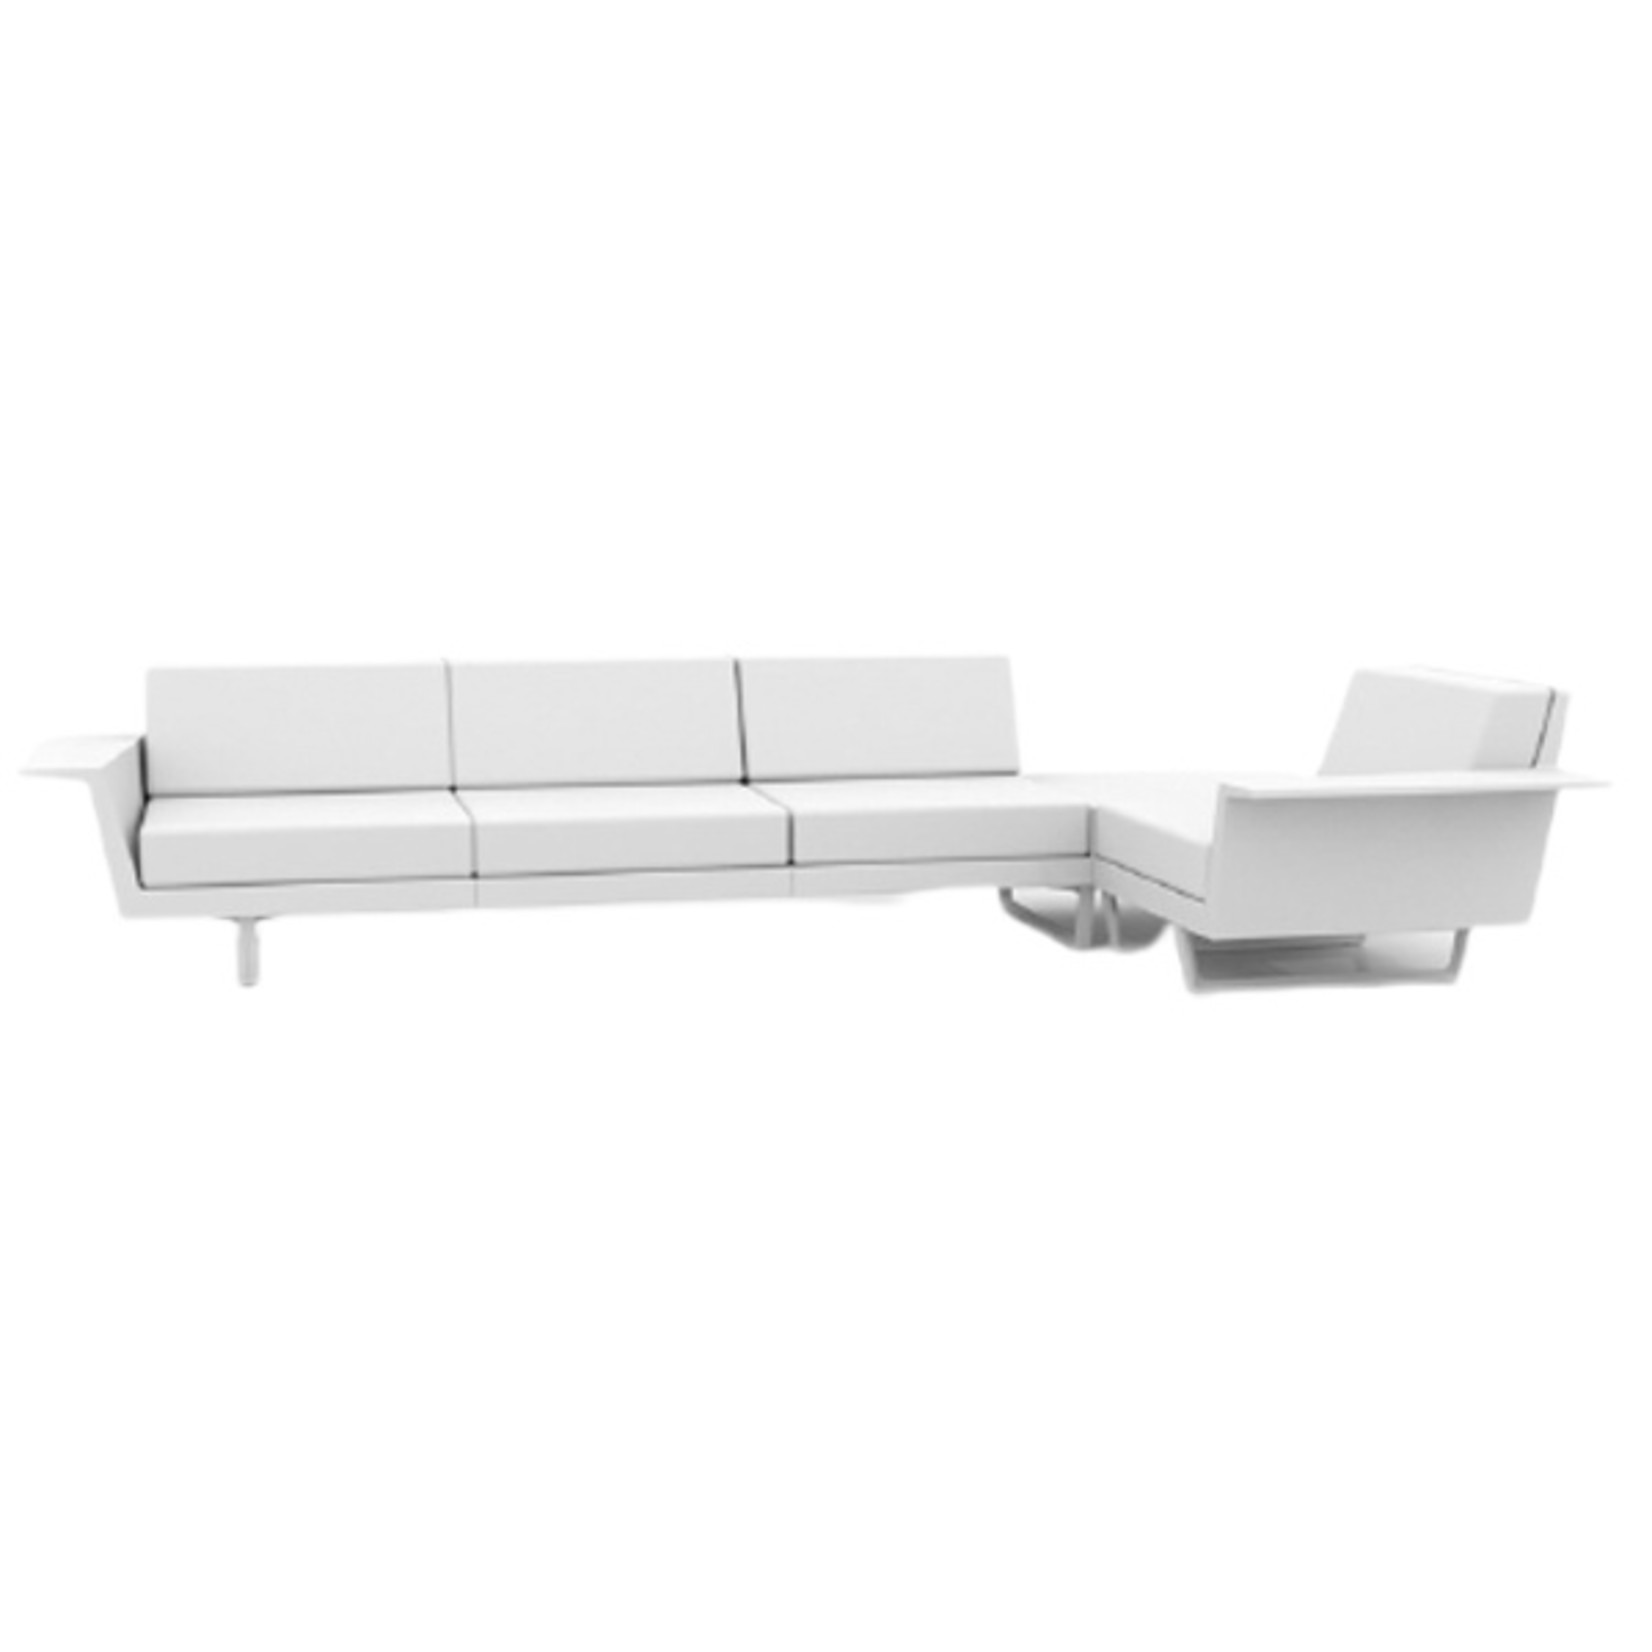 Vondom DELTA Corner Sofa left 4 seat